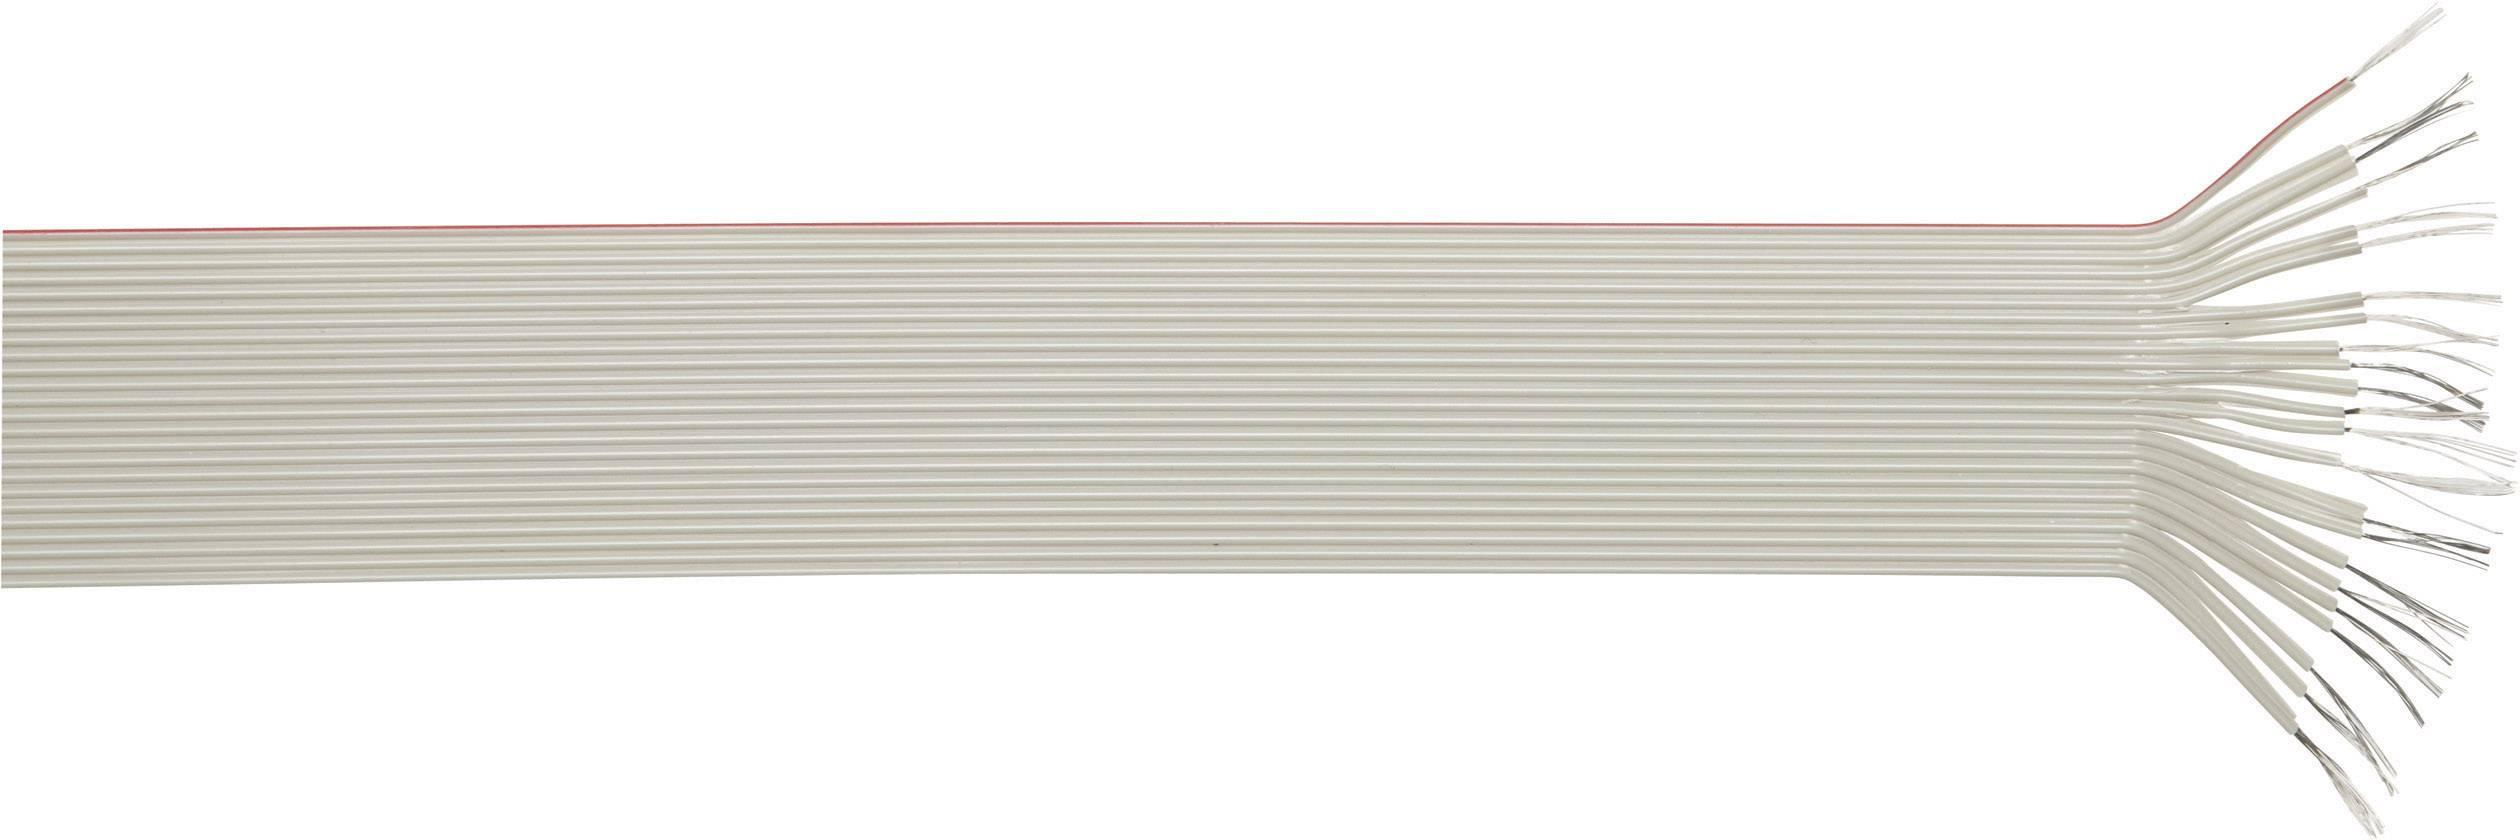 Plochý kábel LappKabel 49900047, rozteč 1.27 mm, 24 x 0.09 mm², sivá, metrový tovar